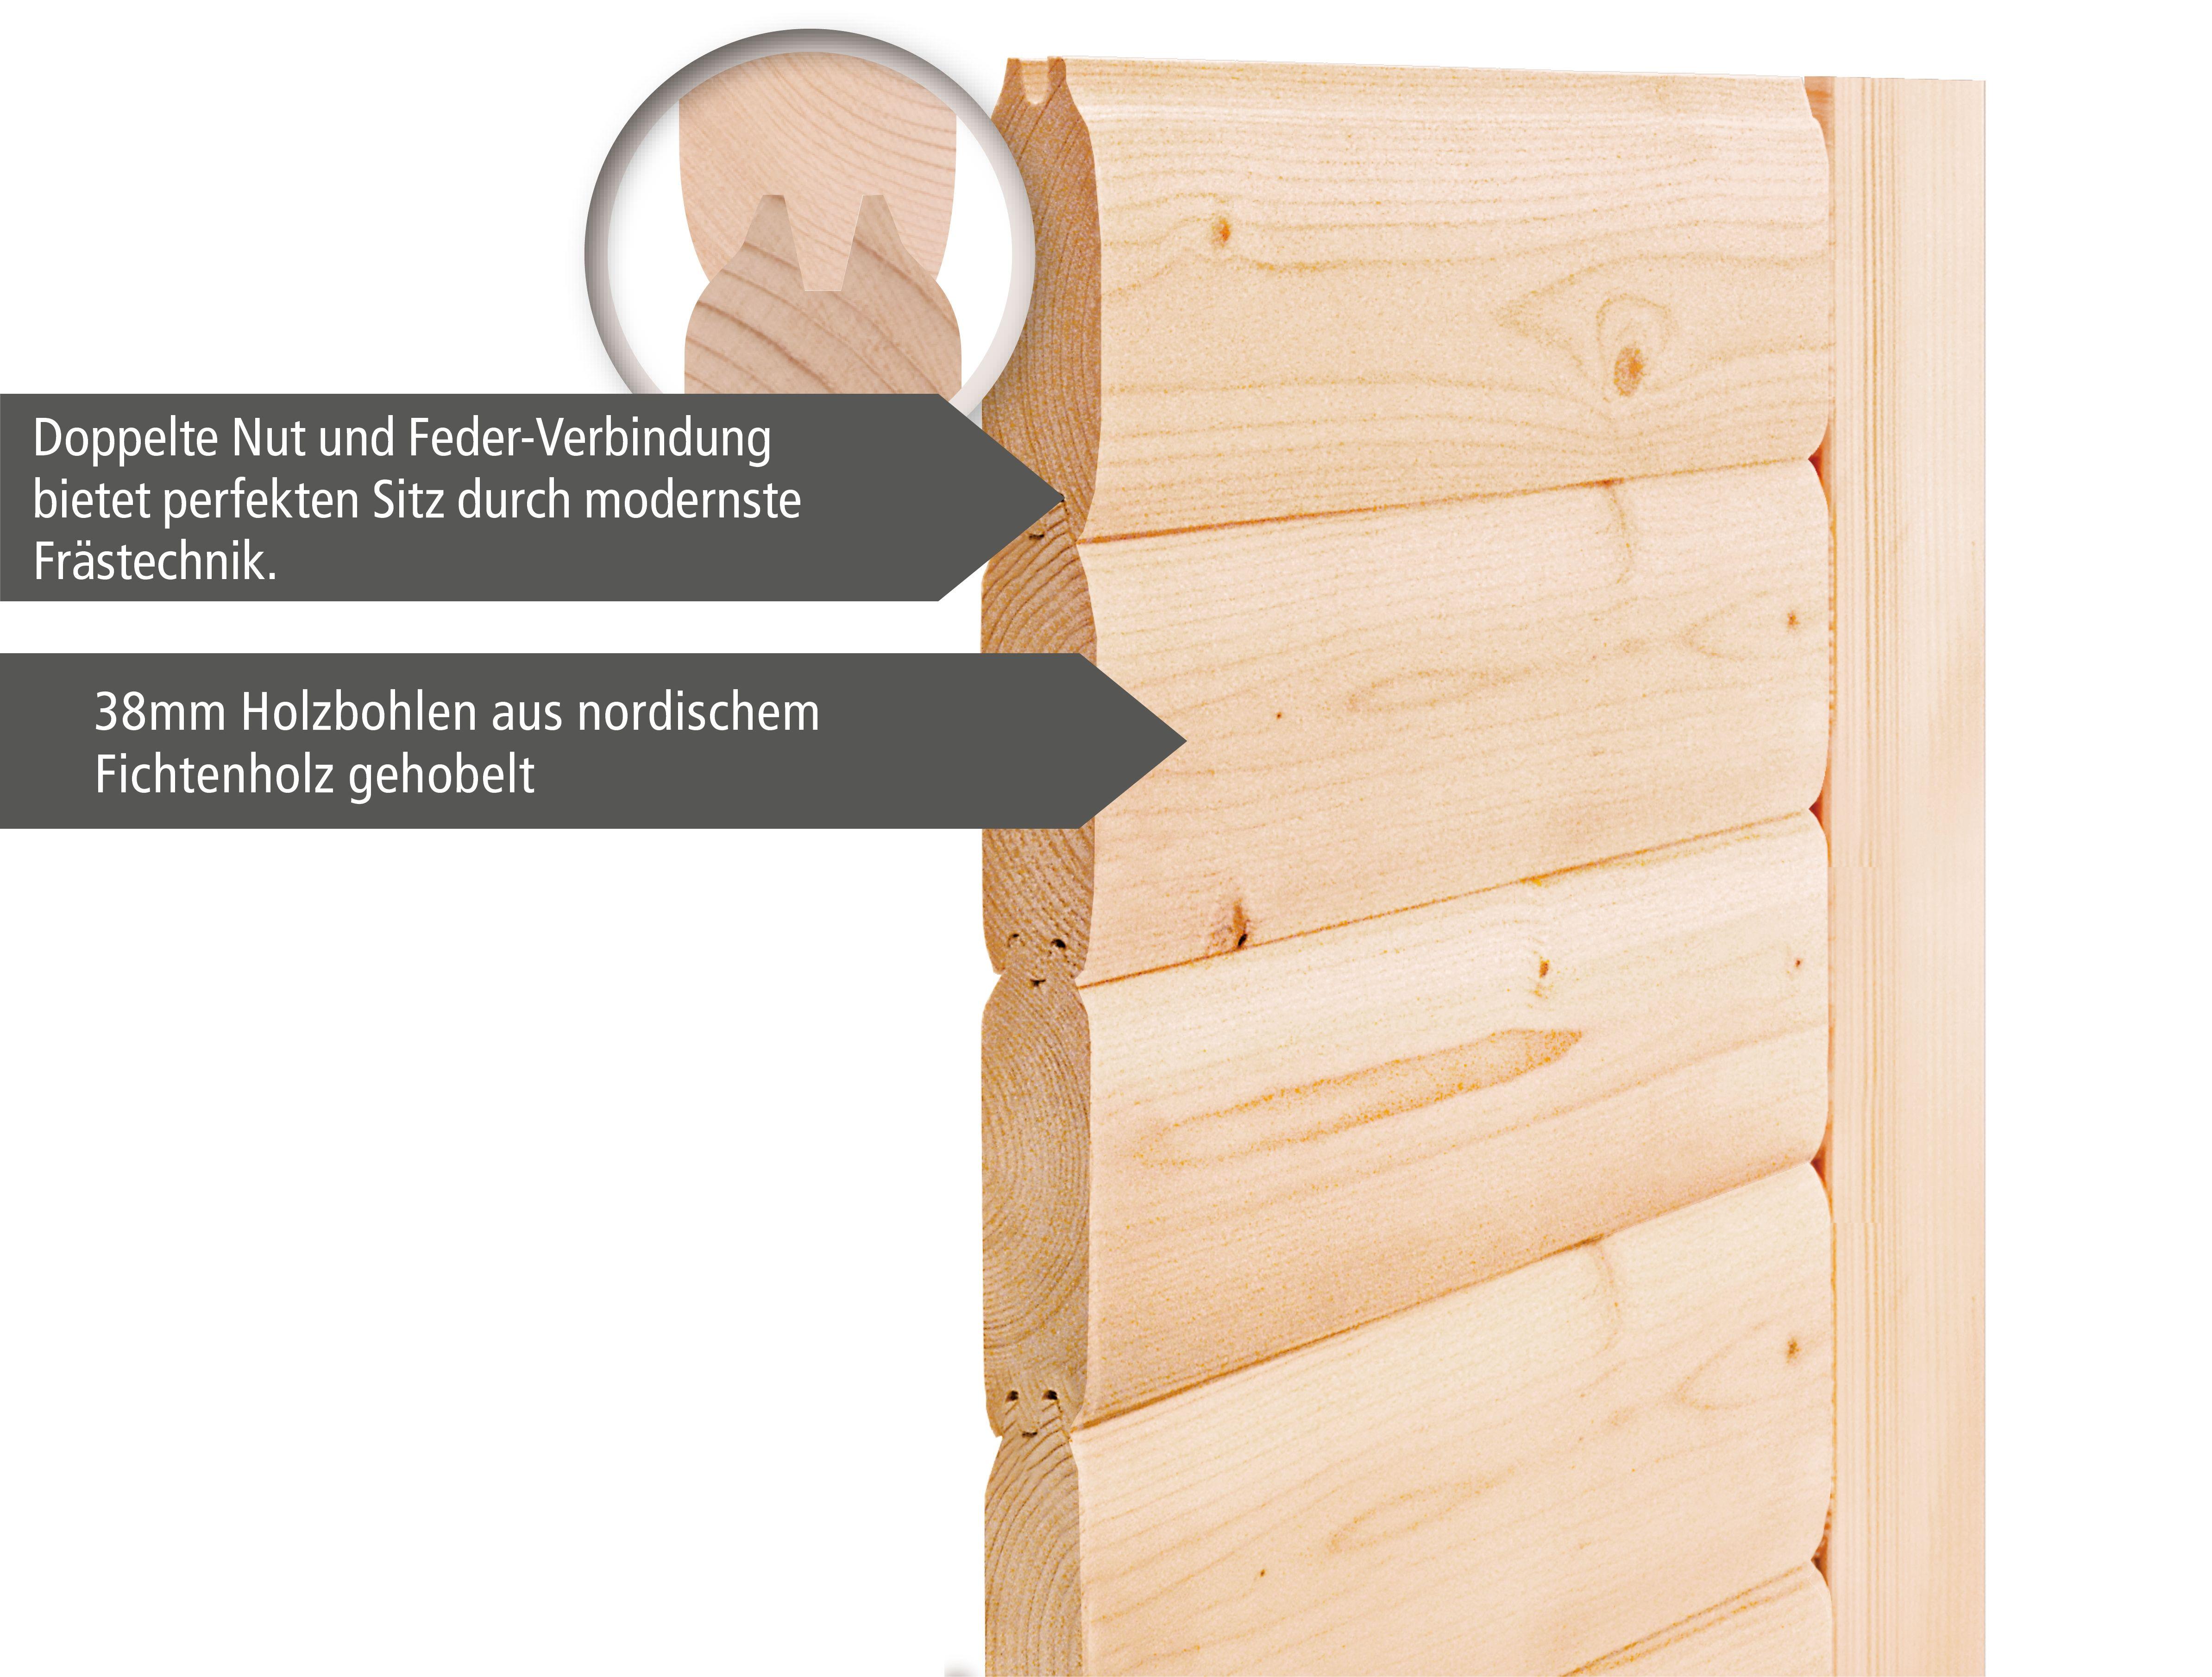 Woodfeeling Sauna Jutta 38mm Dachkranz Saunaofen 9 kW extern Bild 2